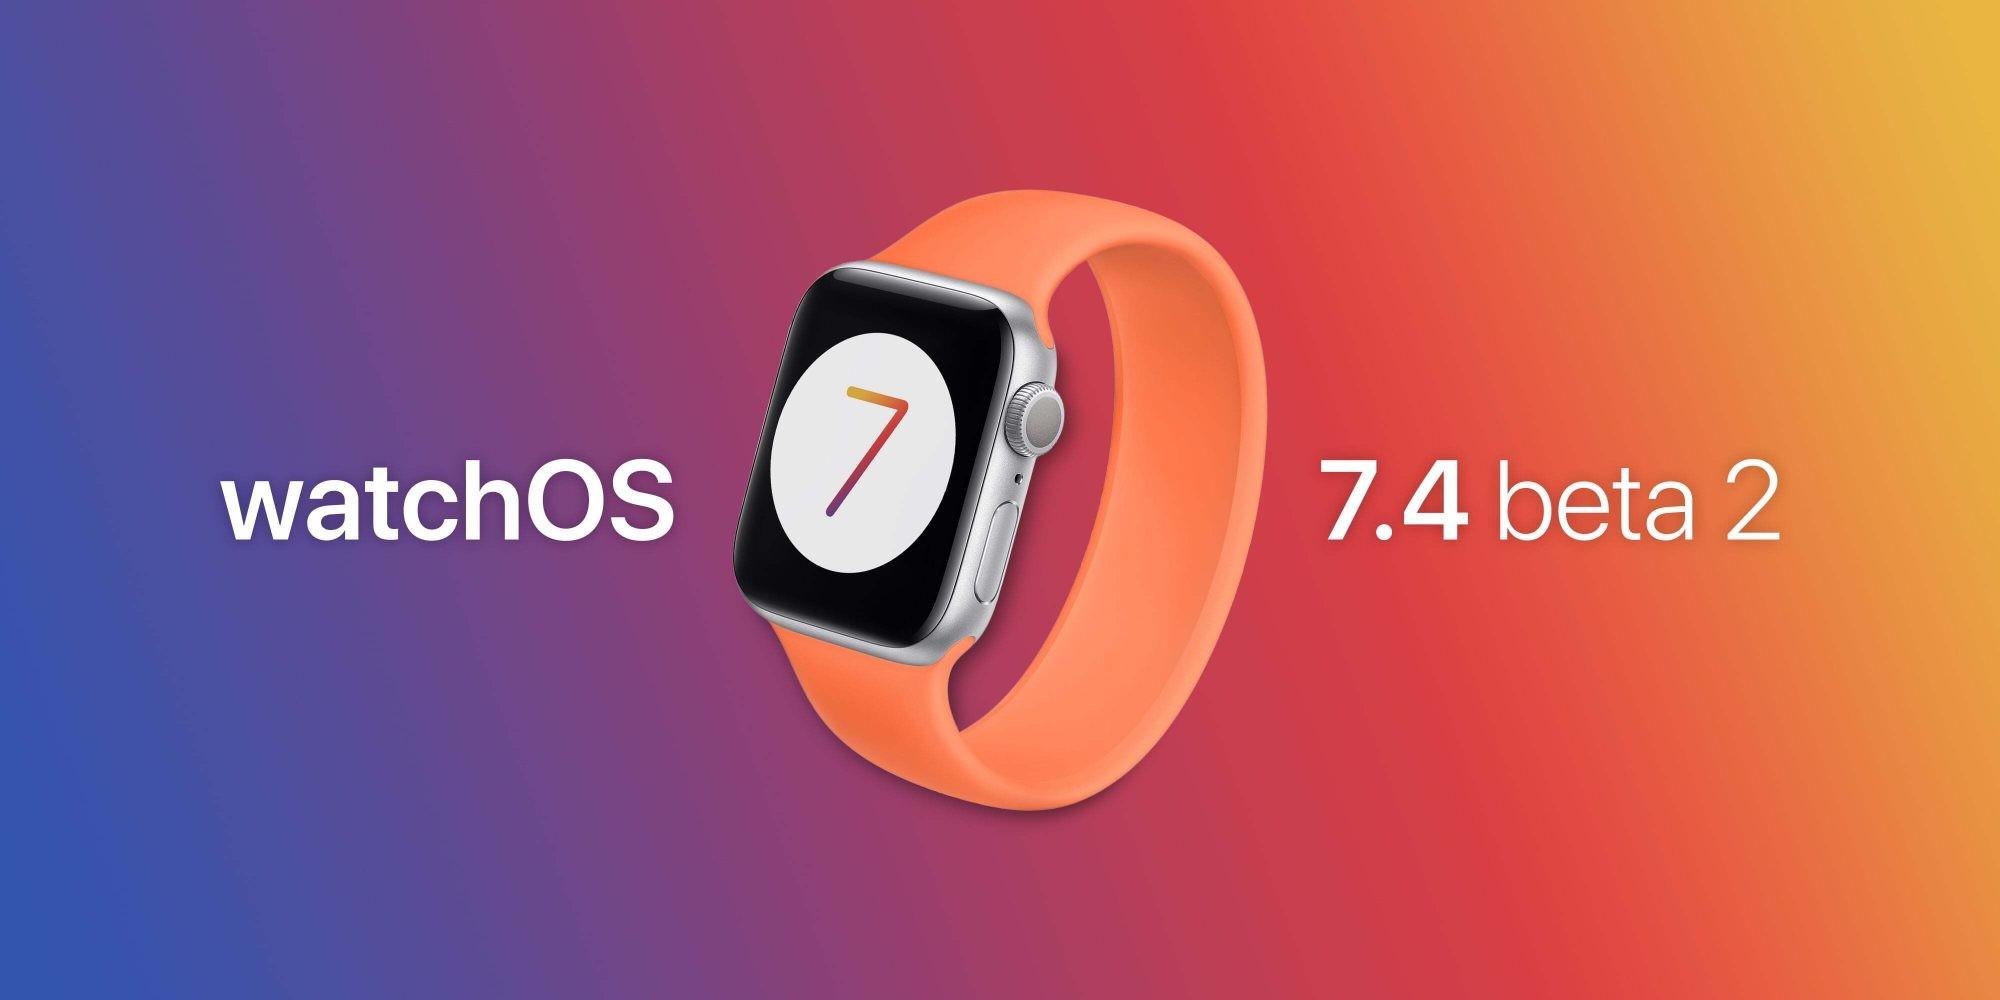 watchOS 7.4 Beta 2